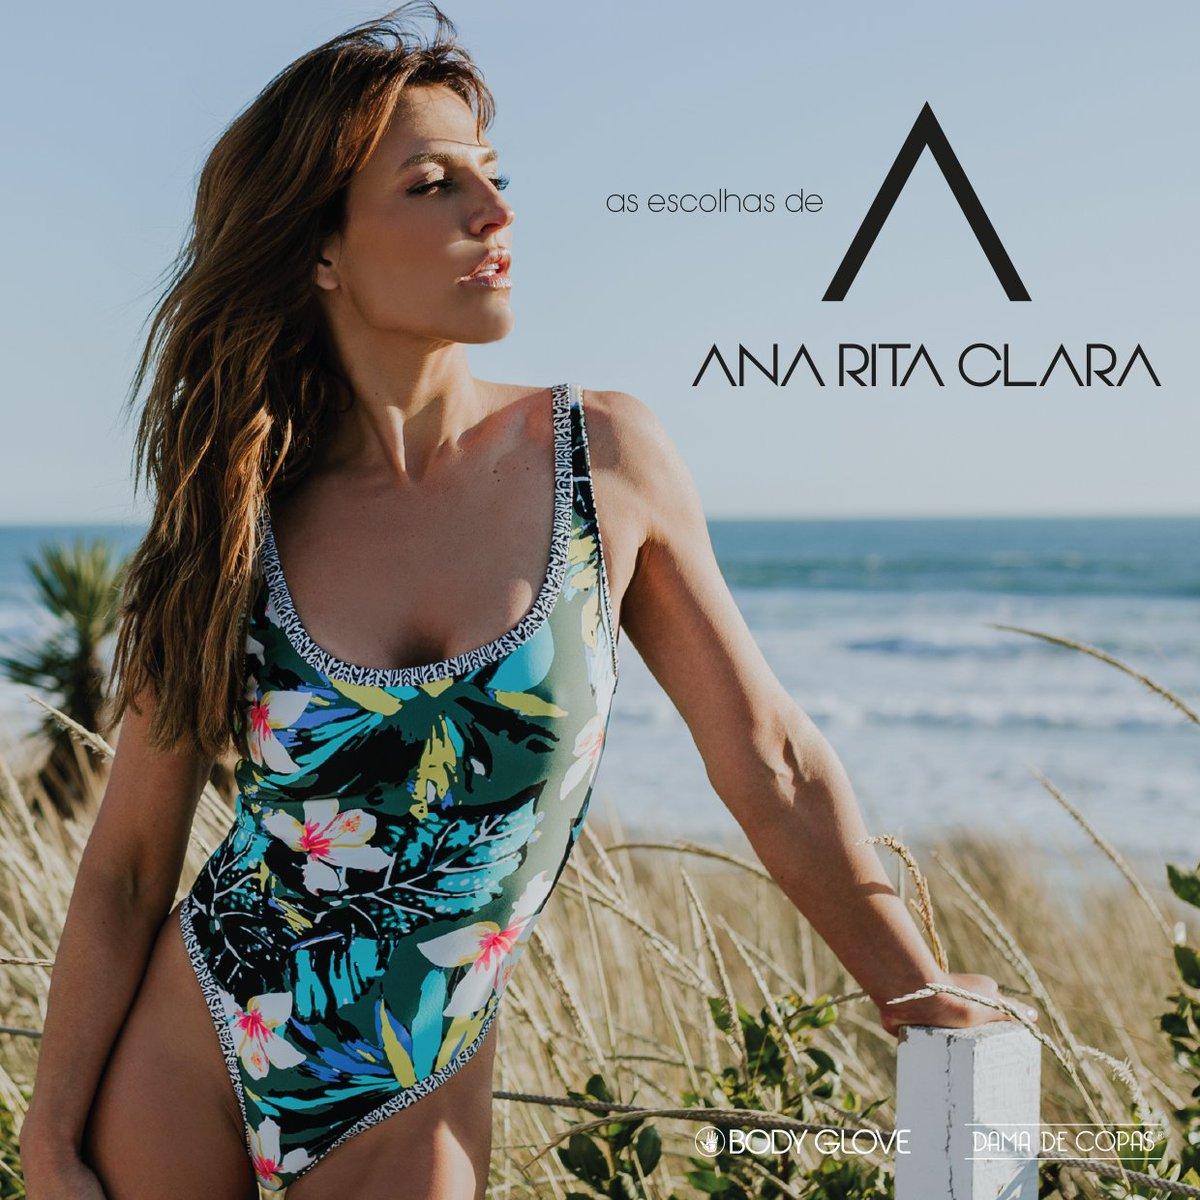 ee1f4fc1edca As escolhas de Ana Rita Clara A conhecida apresentadora da SIC Mulher, Ana  Rita Clara